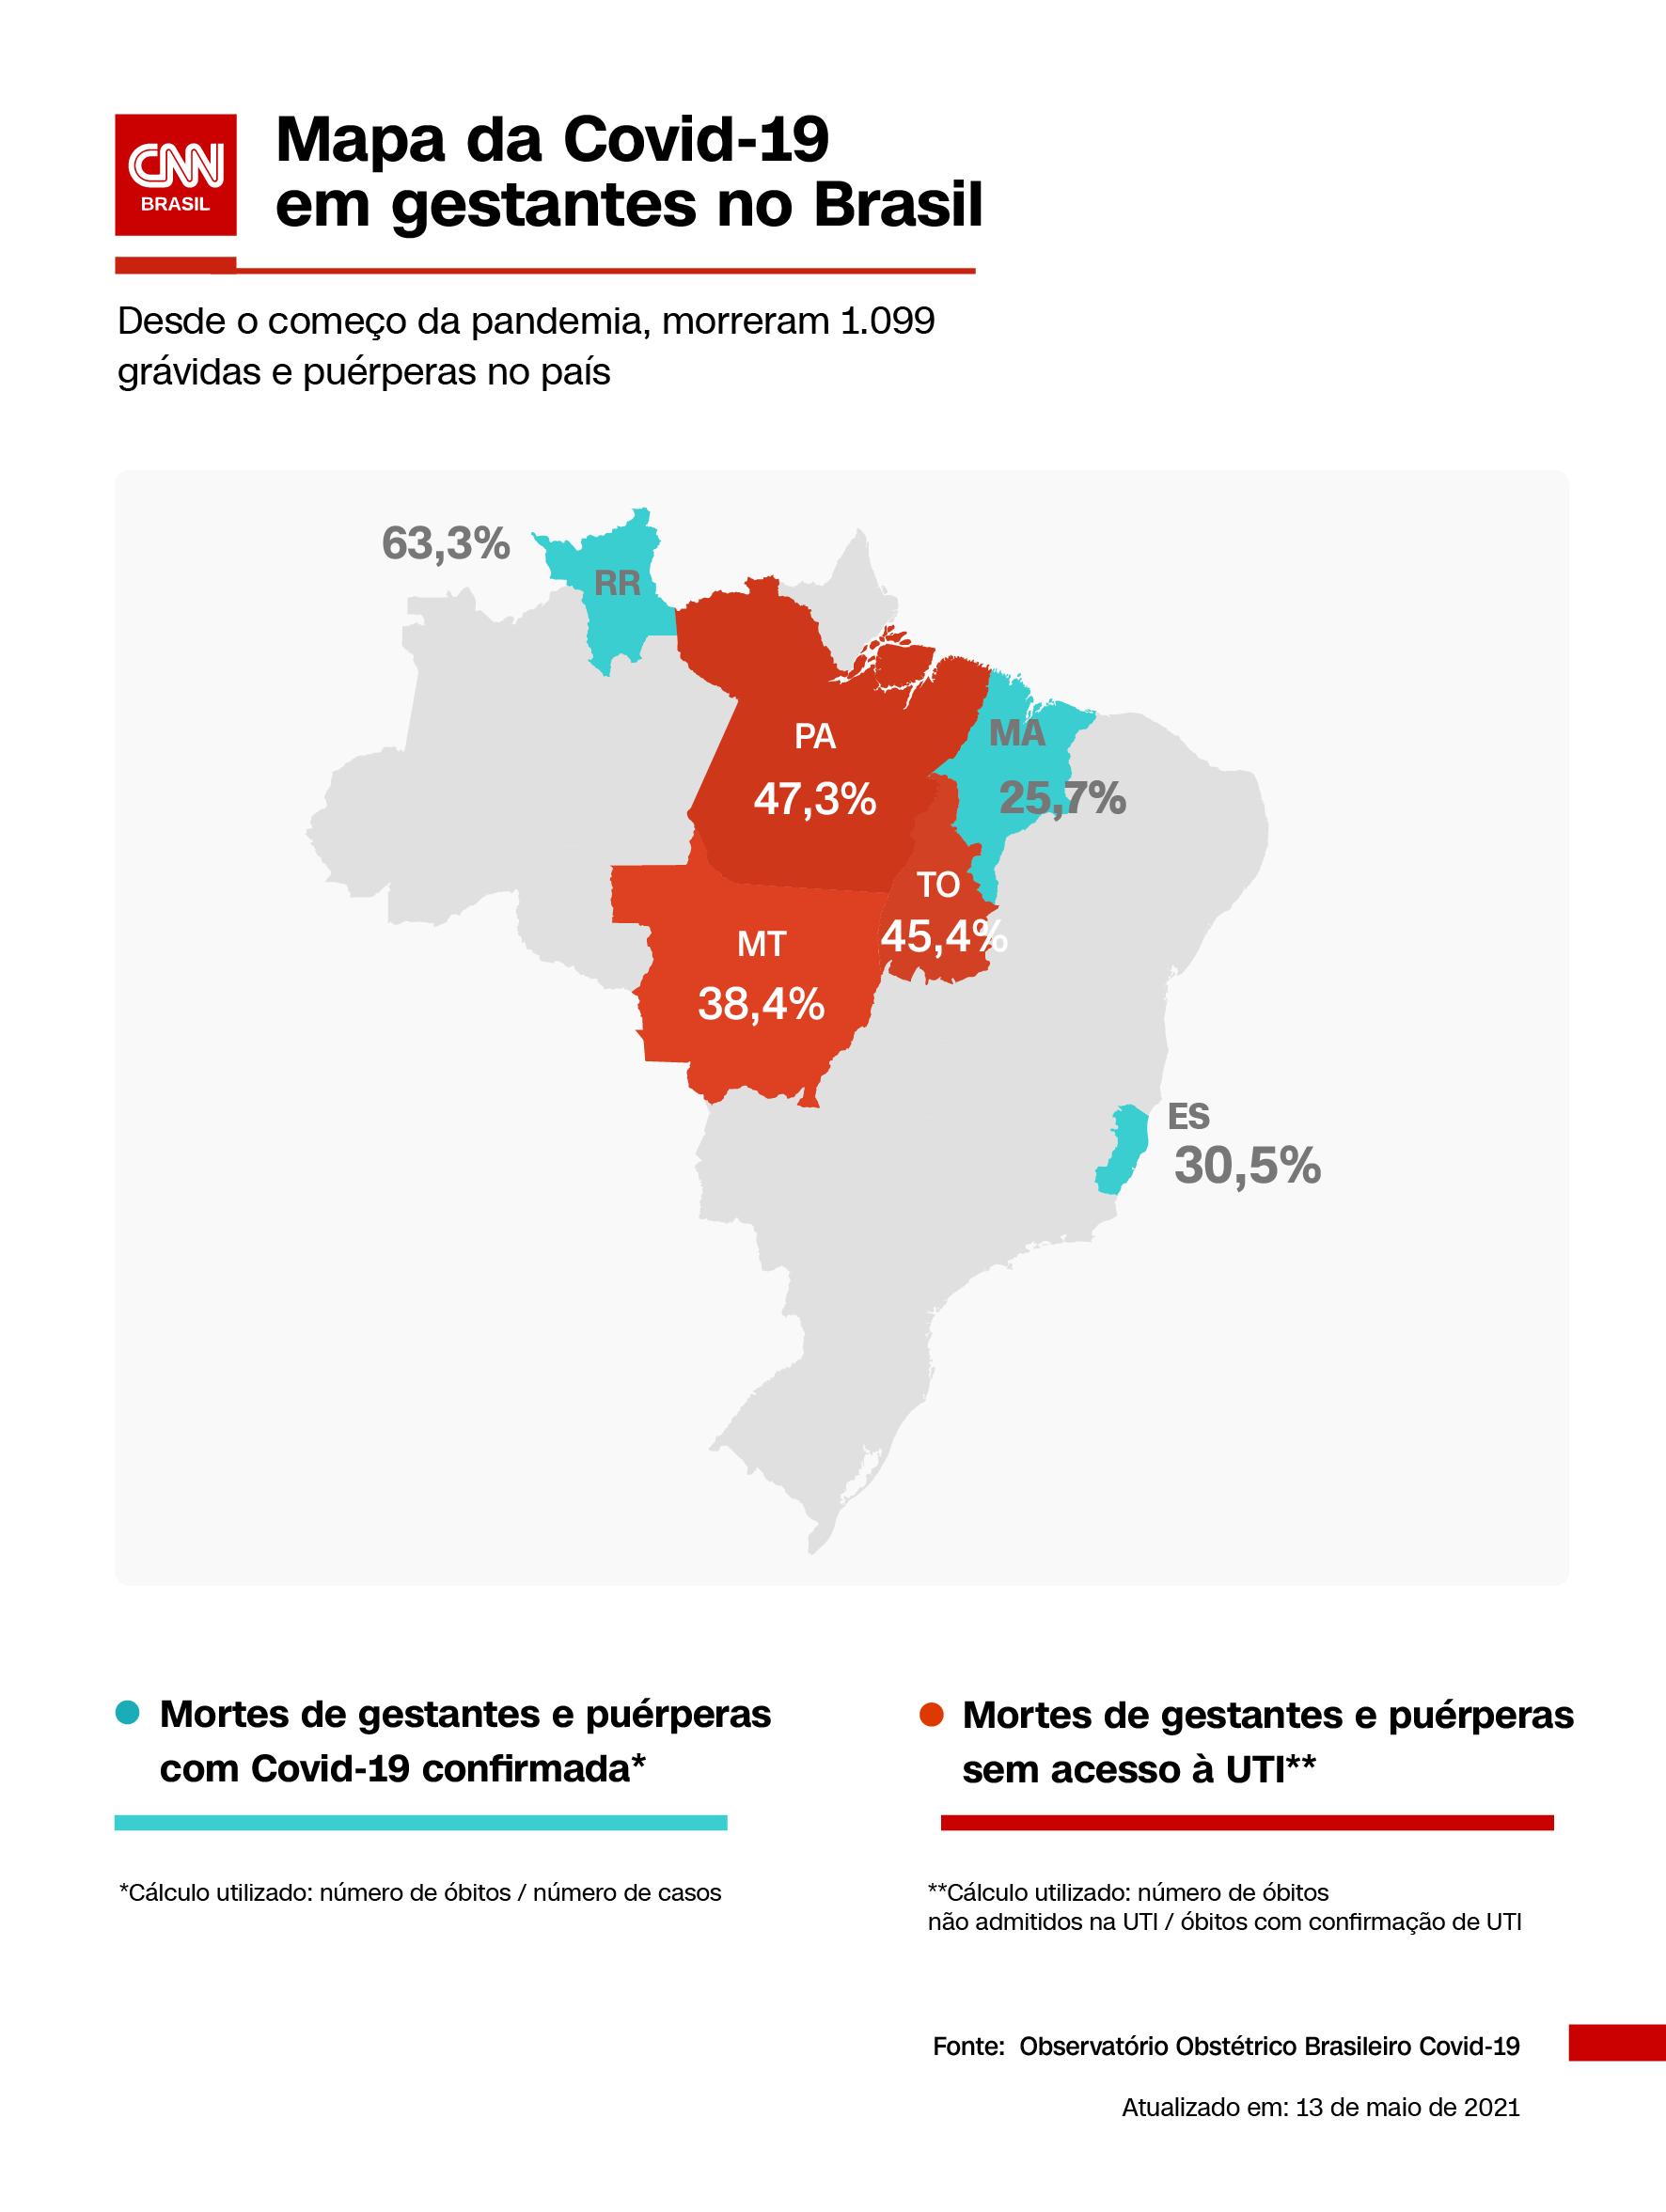 Mapeamento da Covid-19 em gestantes no Brasil